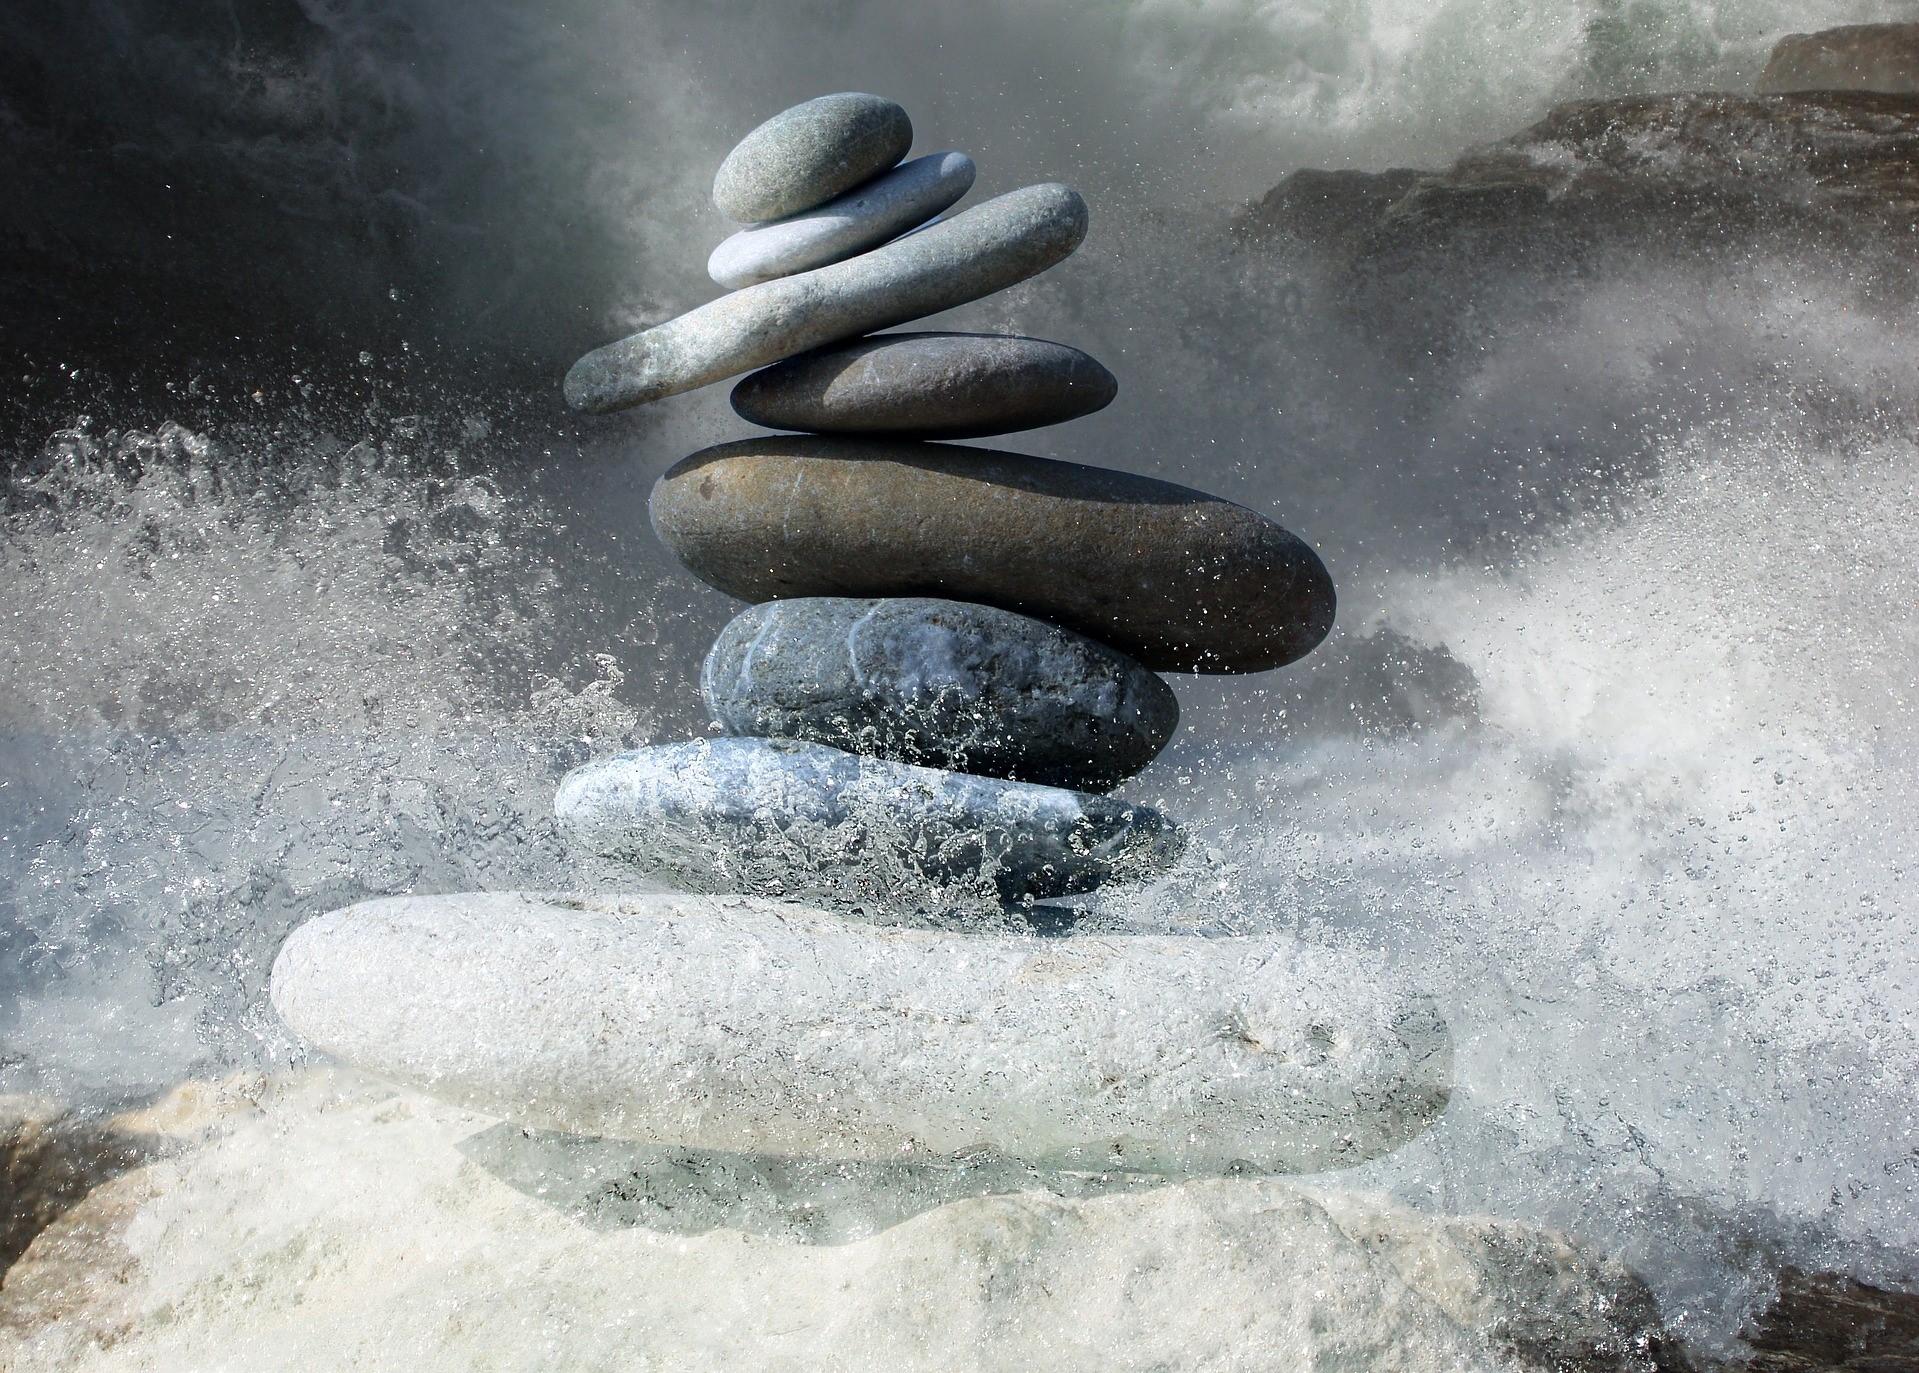 zen-stones-2774524_1920-Banner